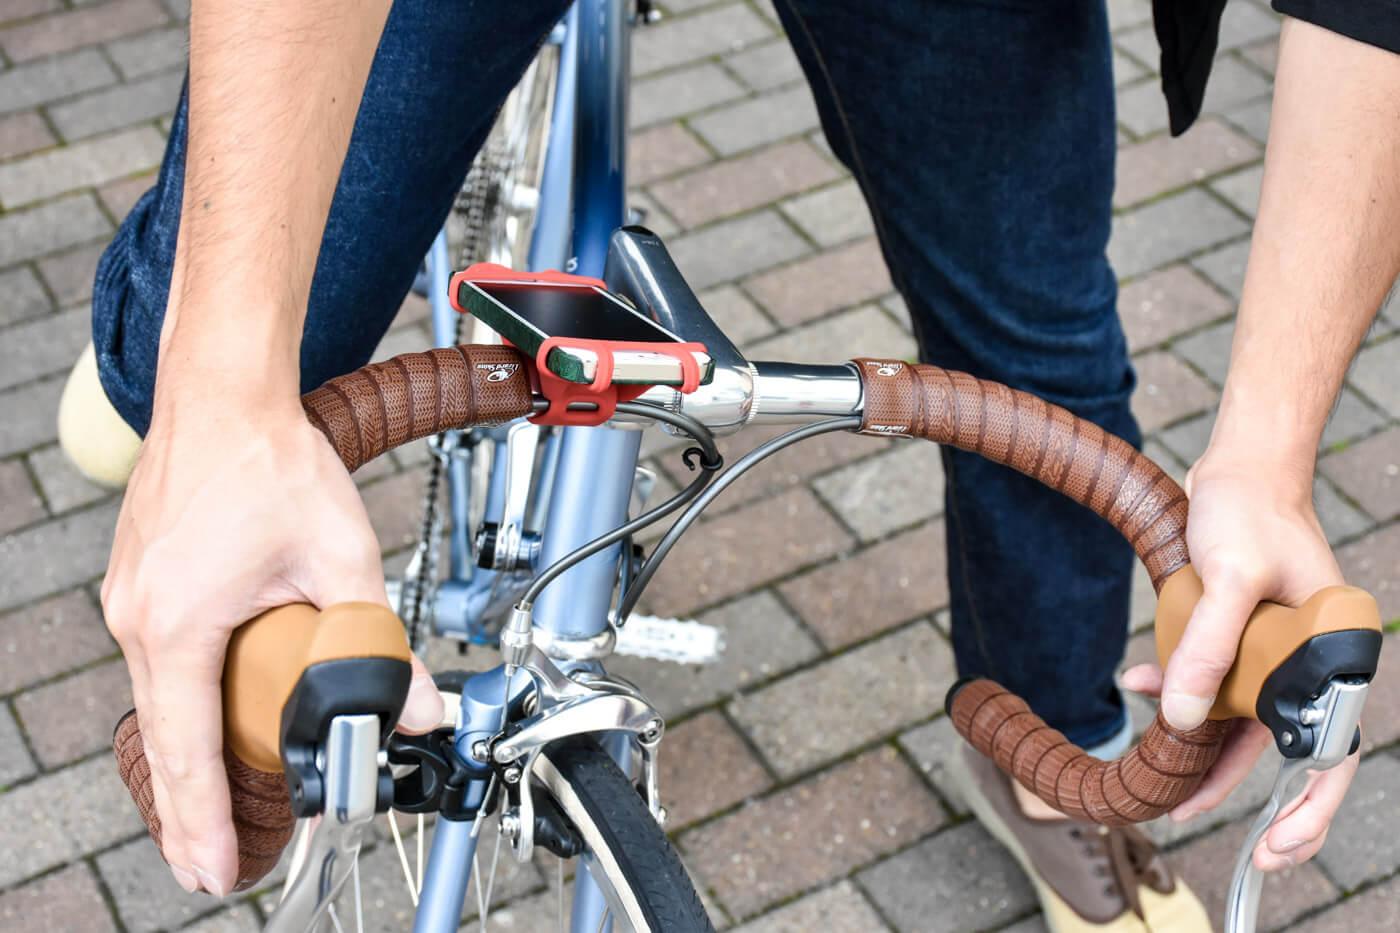 xplova_bike_tie_1